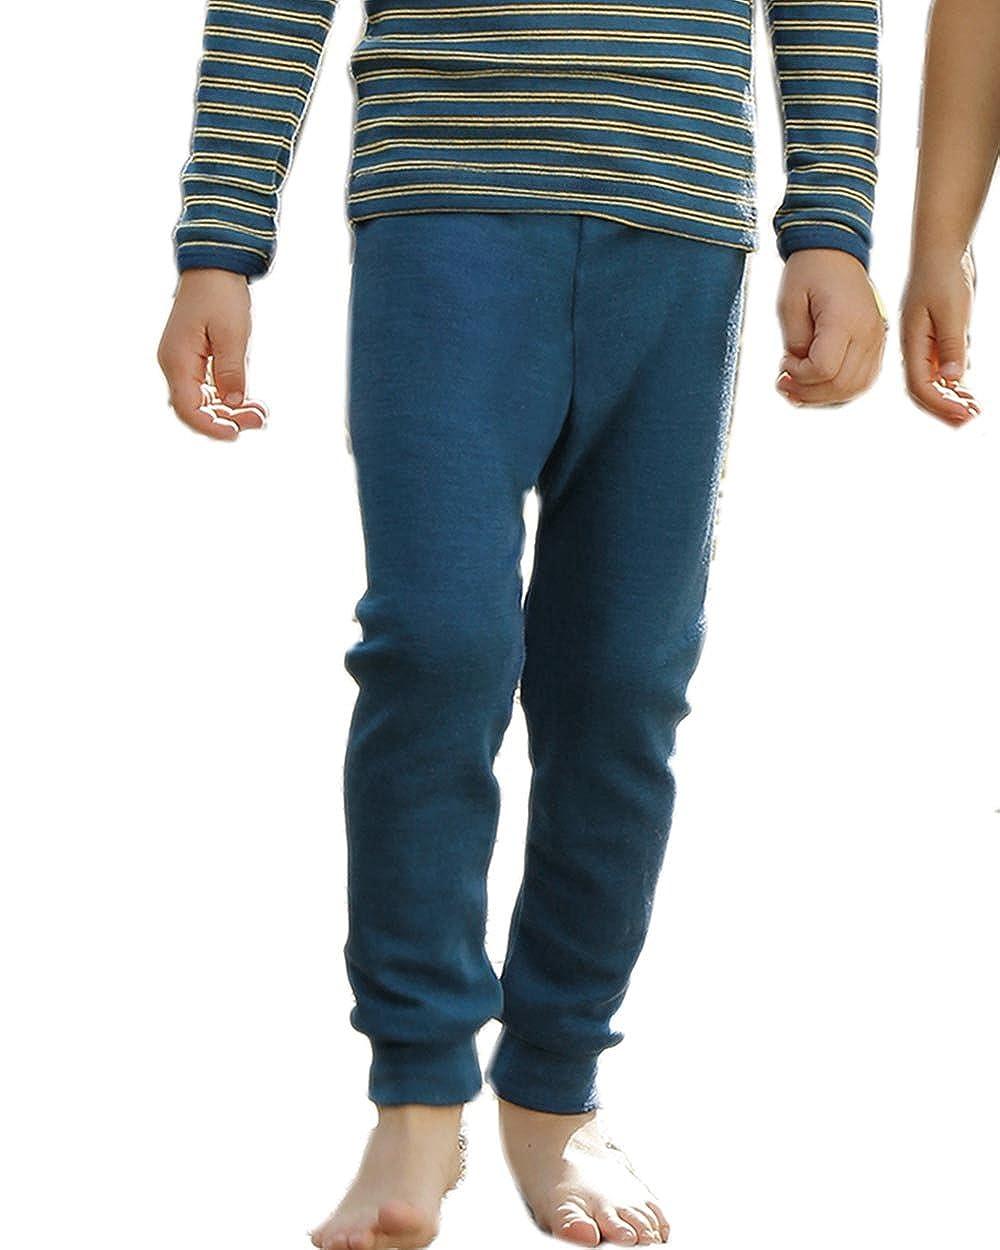 92-176 100/% Schurwolle extrafein Kinder Unterhose lang Gr